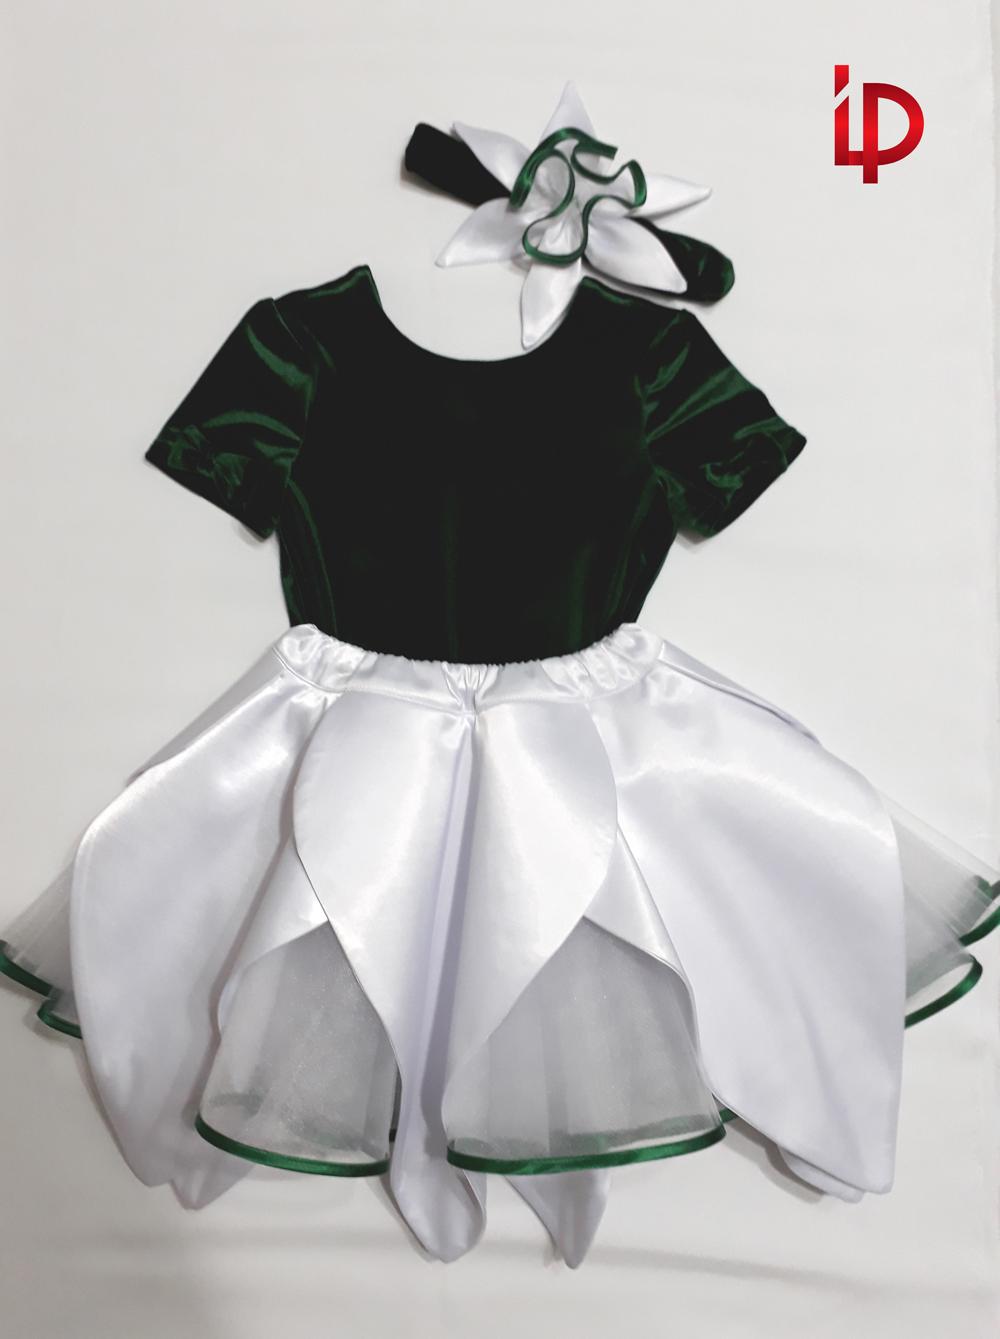 Costum de Ghiocica. Virsta 3-7 ani. Diferite marimi. Realizare la comanda / Chirie.